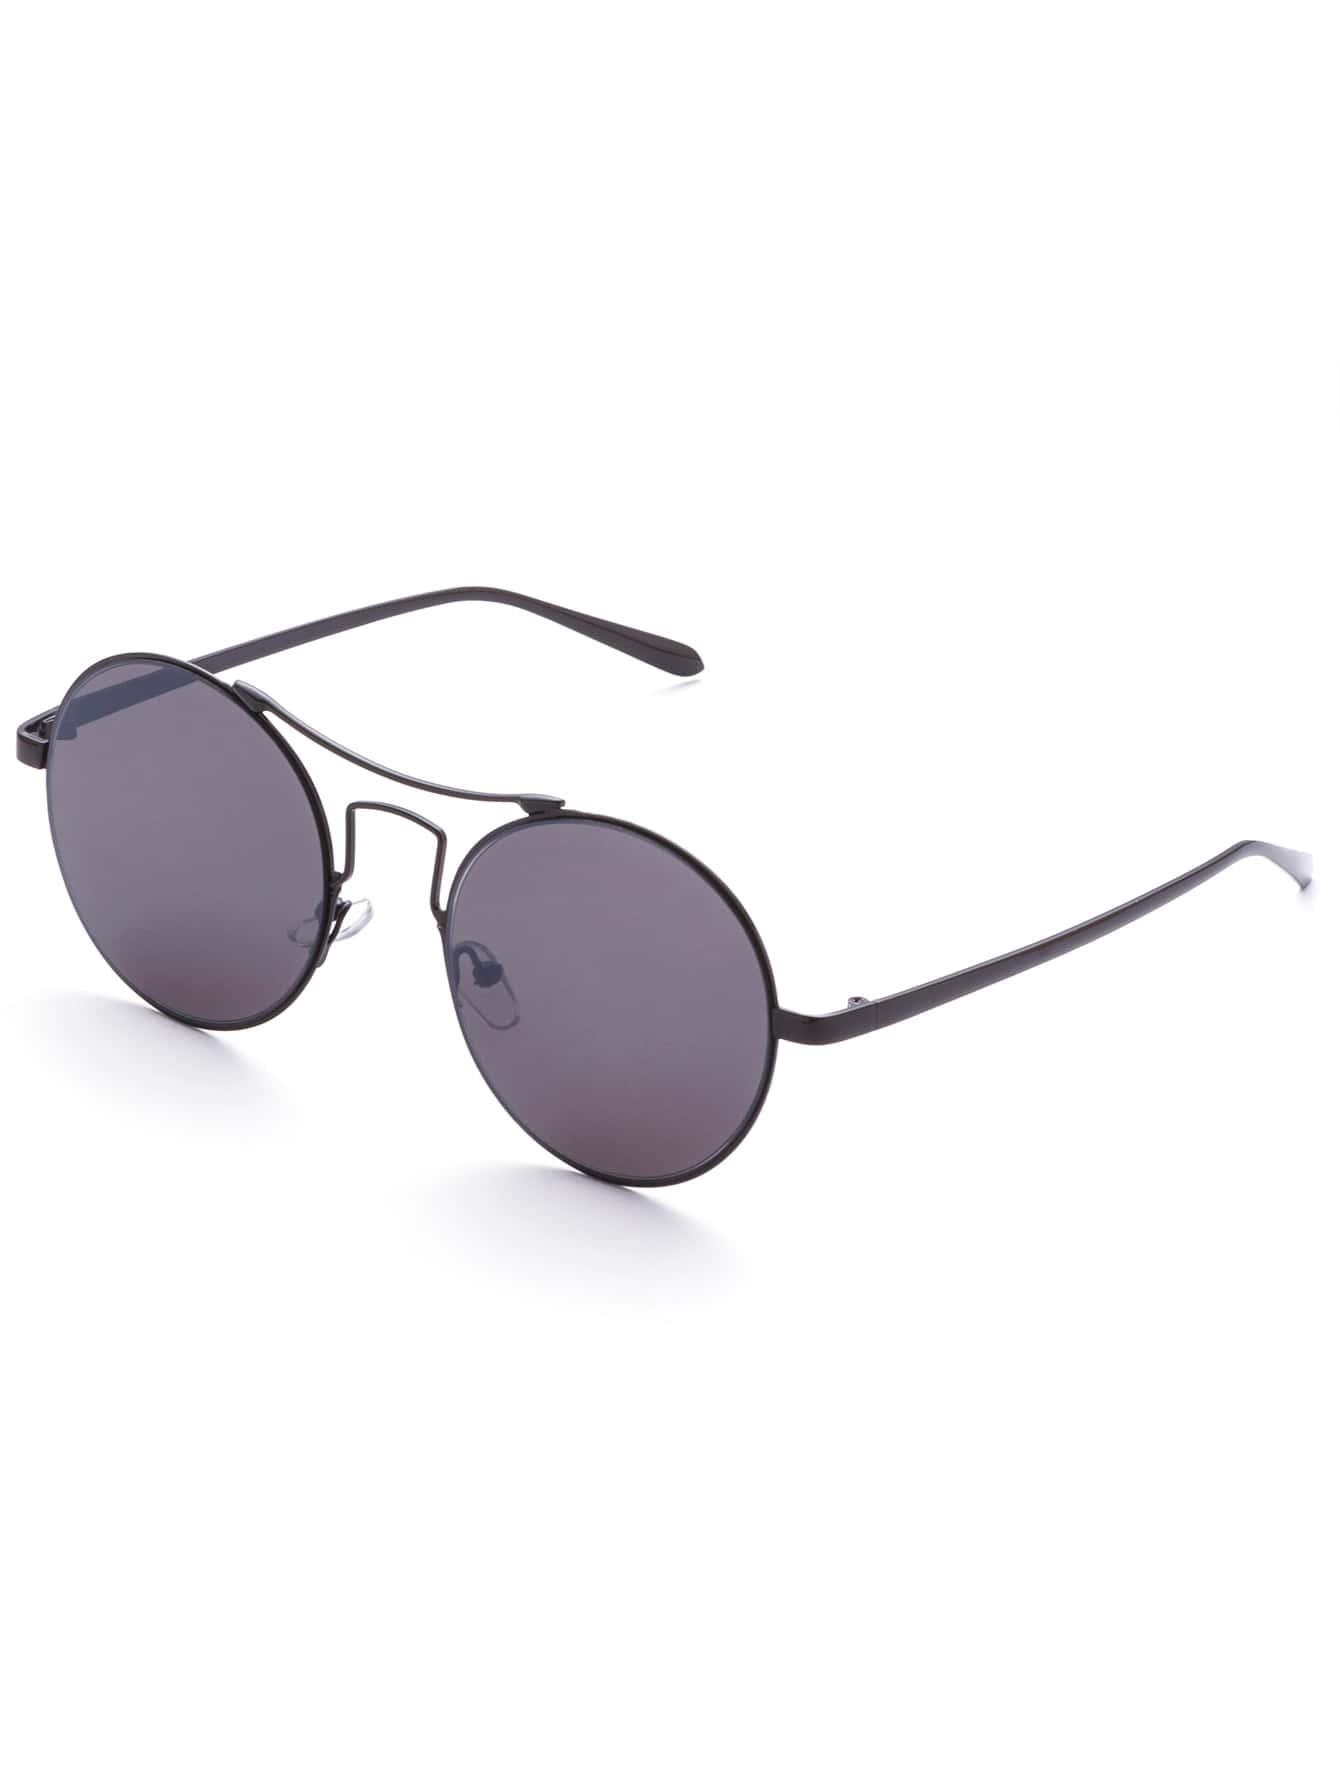 Black Frame Grey Lens Round Retro Sunglasses